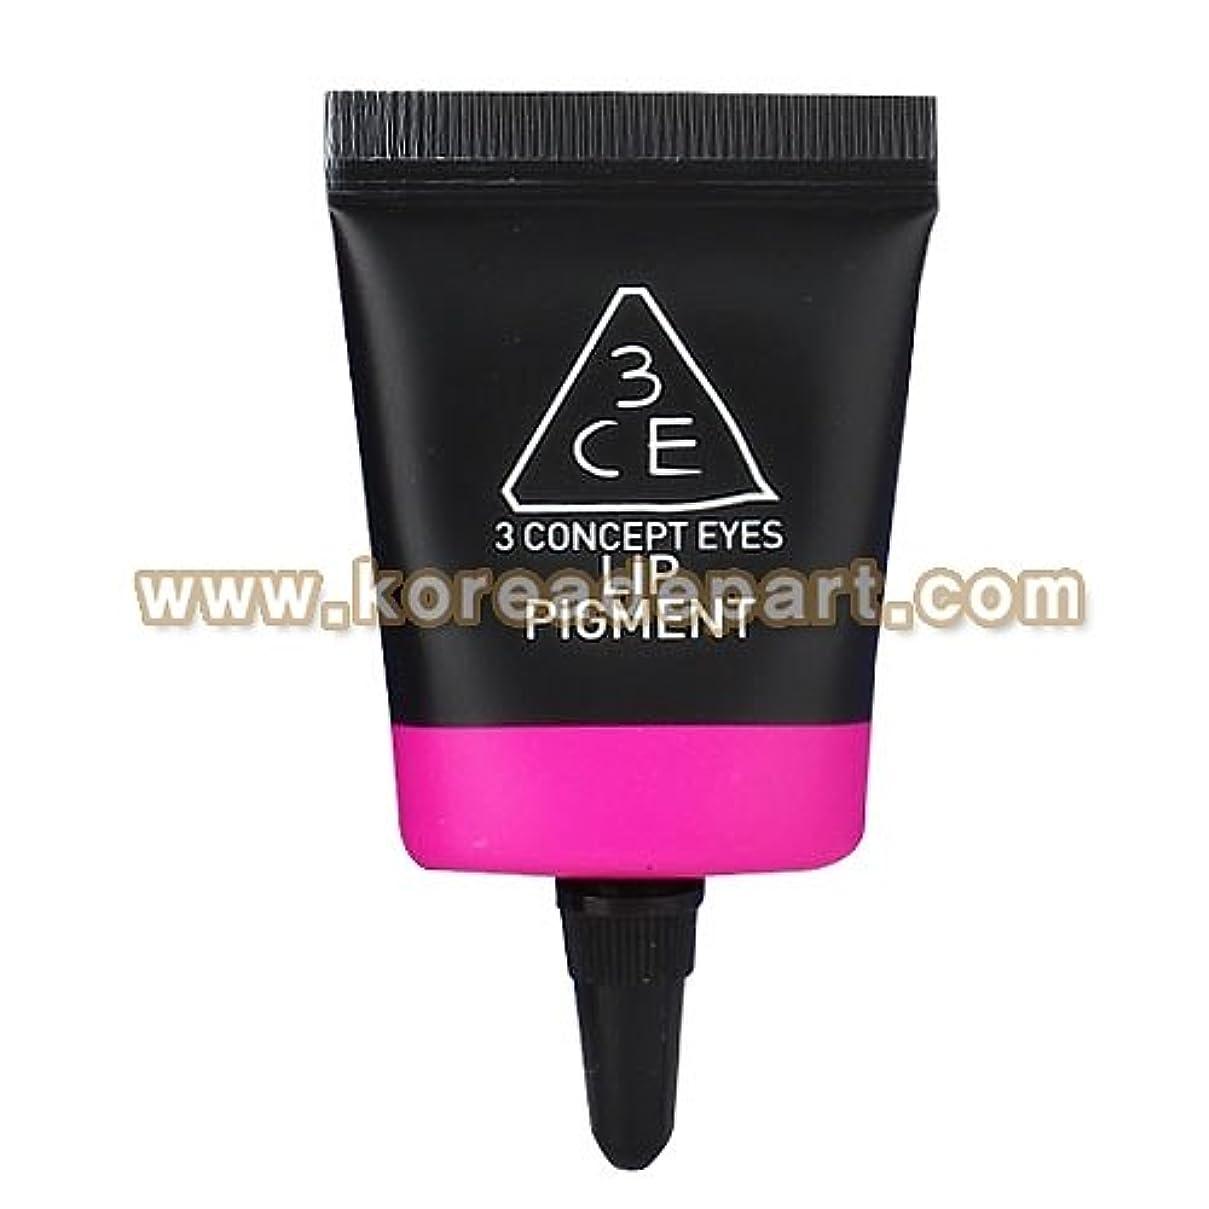 3CE リップ ピグメント (electro pink) [海外直送品][並行輸入品]